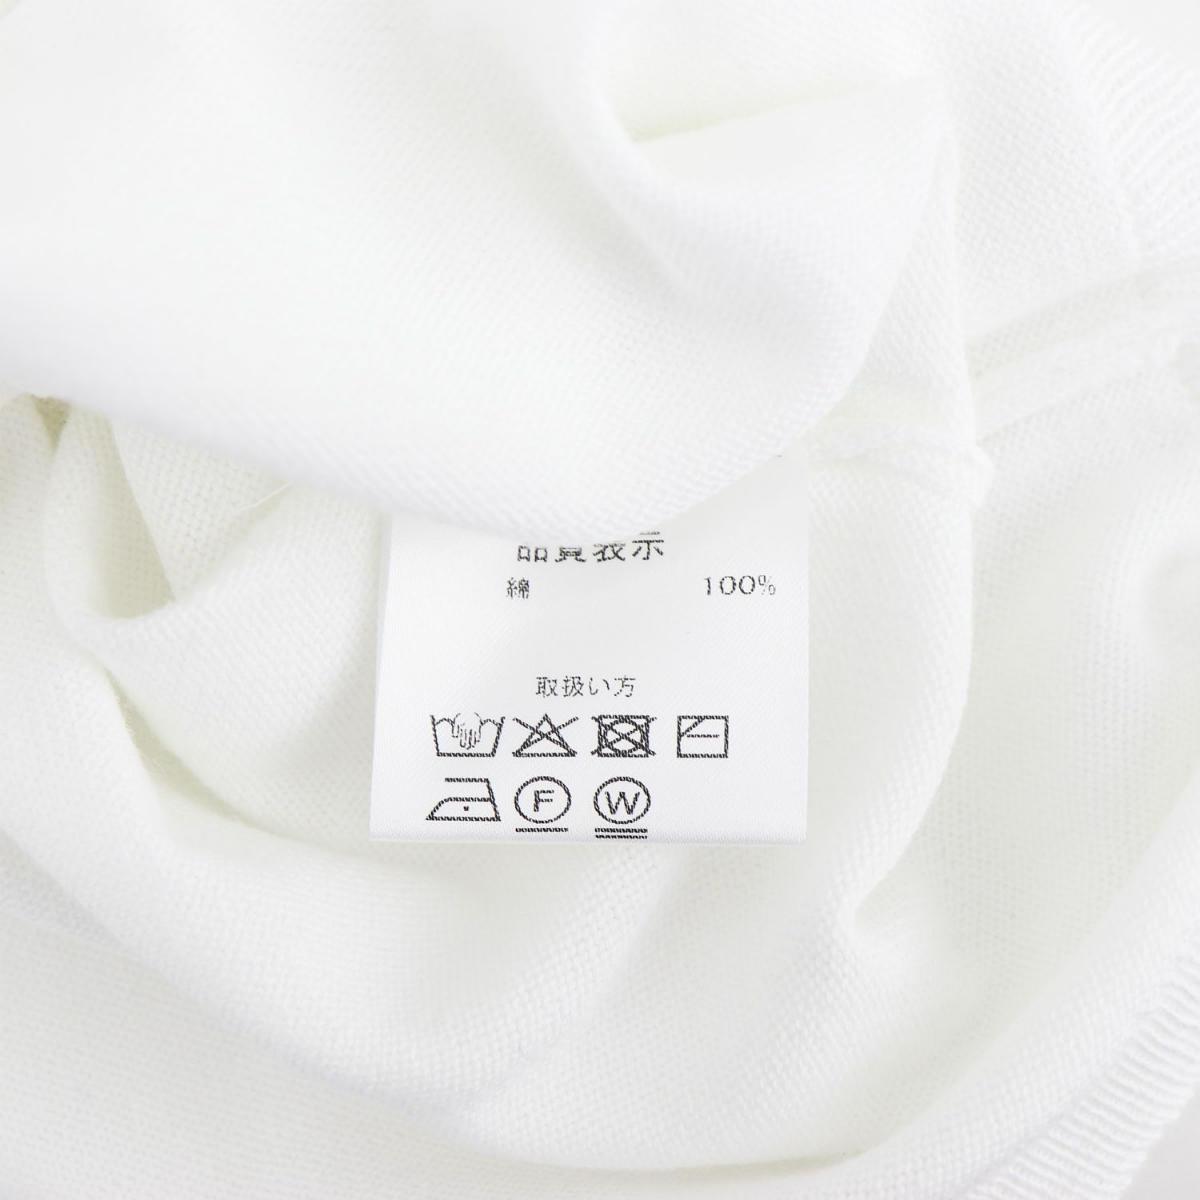 クルチアーニ CRUCIANI メンズ ファインゲージ コットンニット クルーネック 半袖 カットソー JU1113 CRU Z0001(ホワイト) 春夏新作